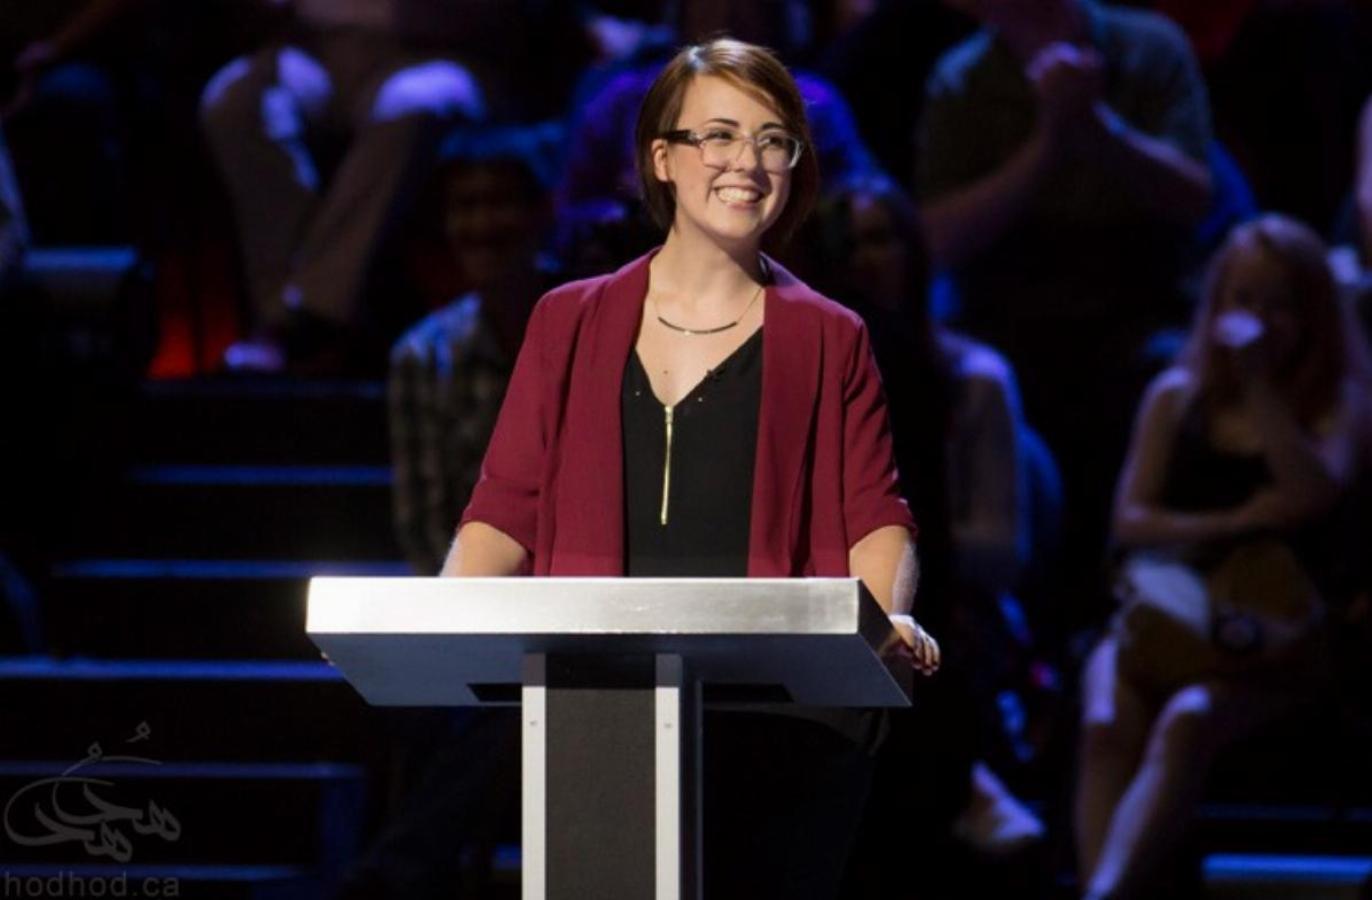 بلک بری، کتی وارن باهوش ترین دانشجوی کانادا را استخدام کرد